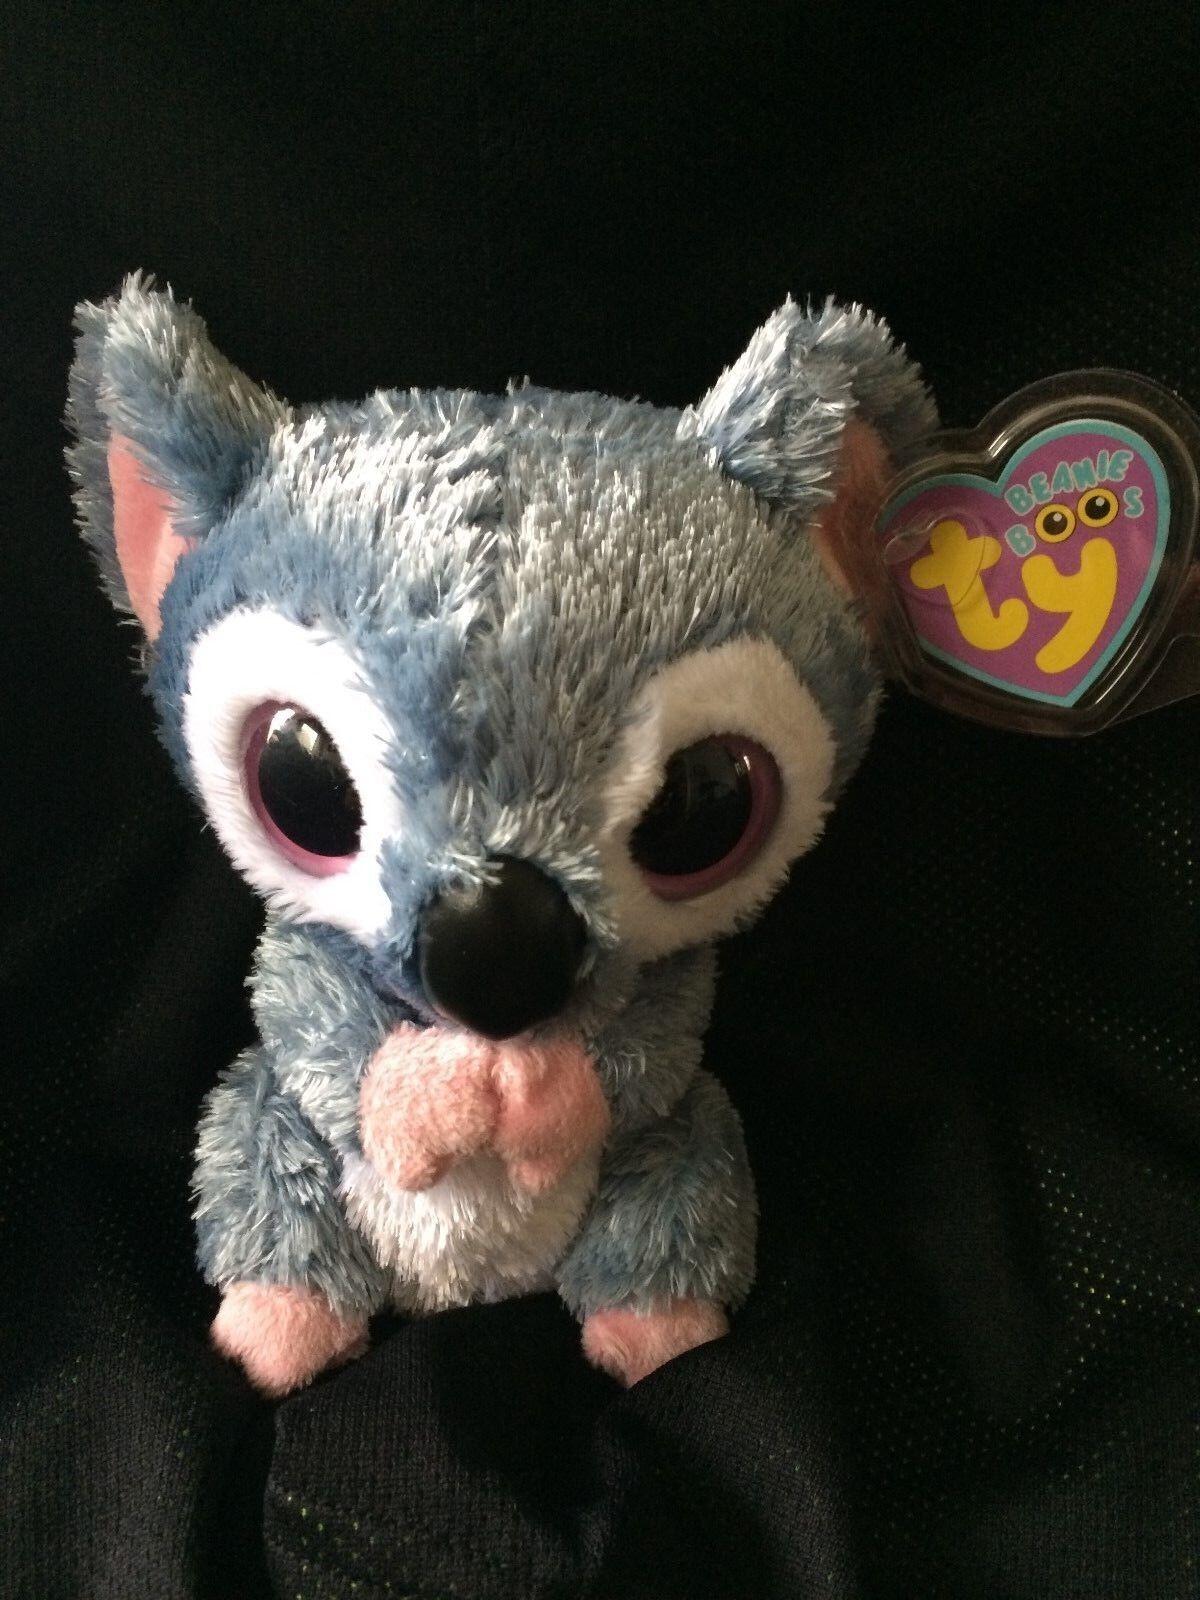 Ty mütze bubus verspielt die koala - 6  neue mwmt sehr seltenen freien shippping